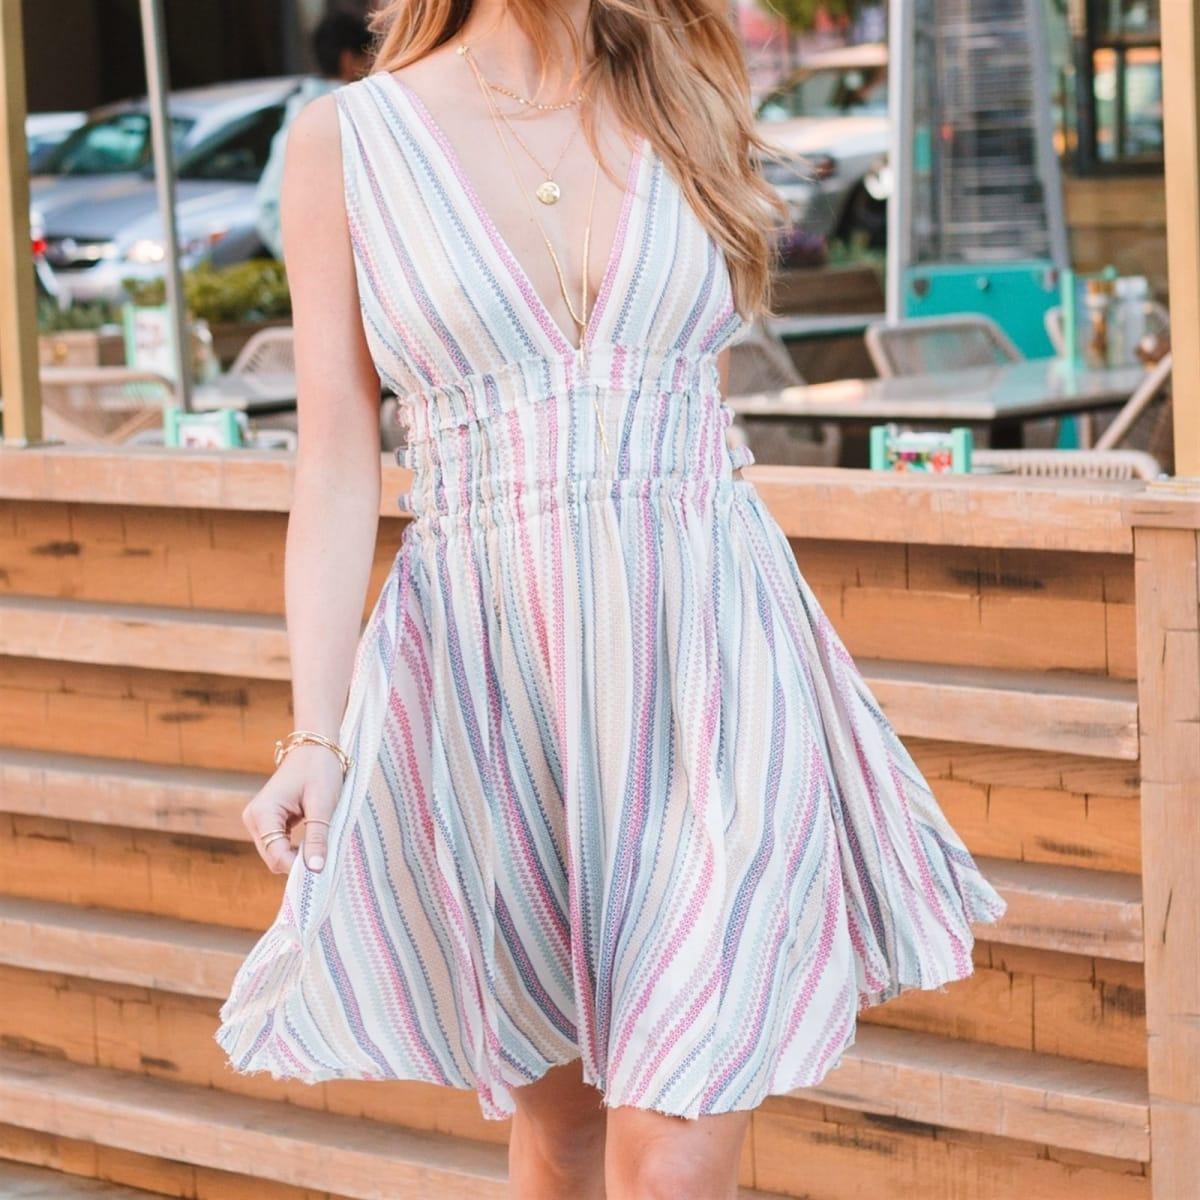 Dress Turksamp; Turksamp; Turksamp; Caicos Collection Caicos Caicos Collection Dress Dress rCQdtshBx